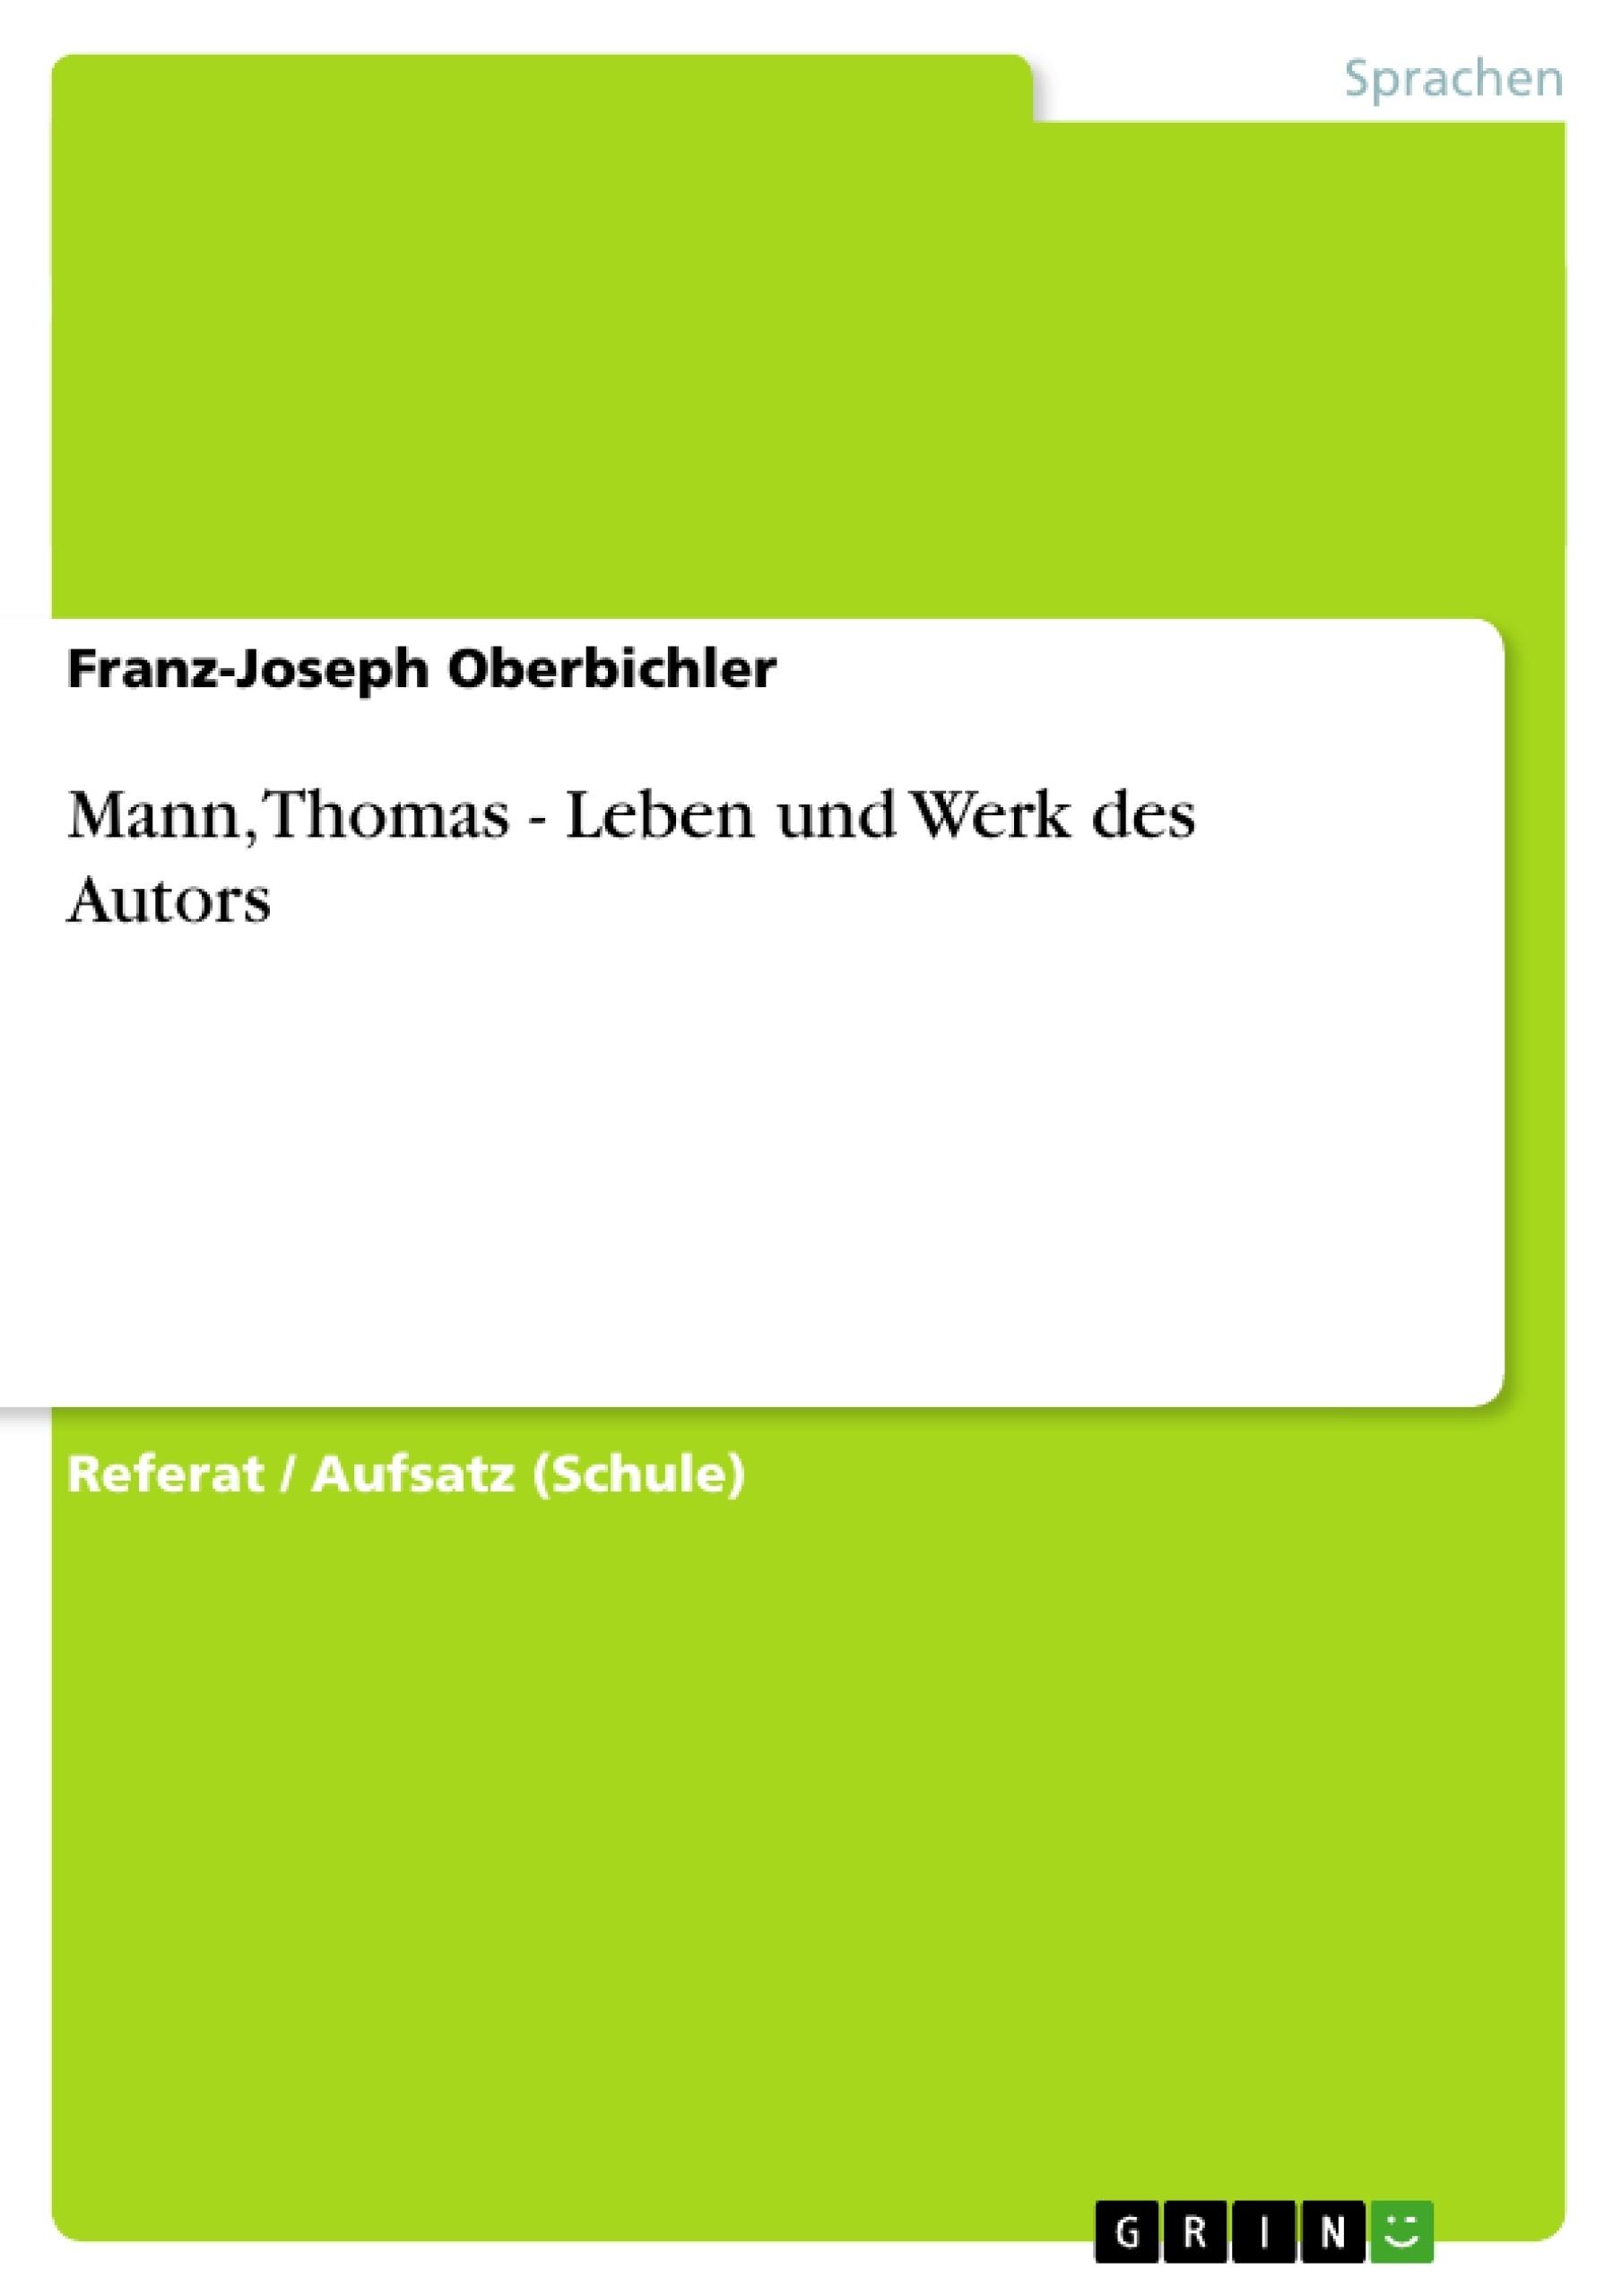 Titel: Mann, Thomas - Leben und Werk des Autors